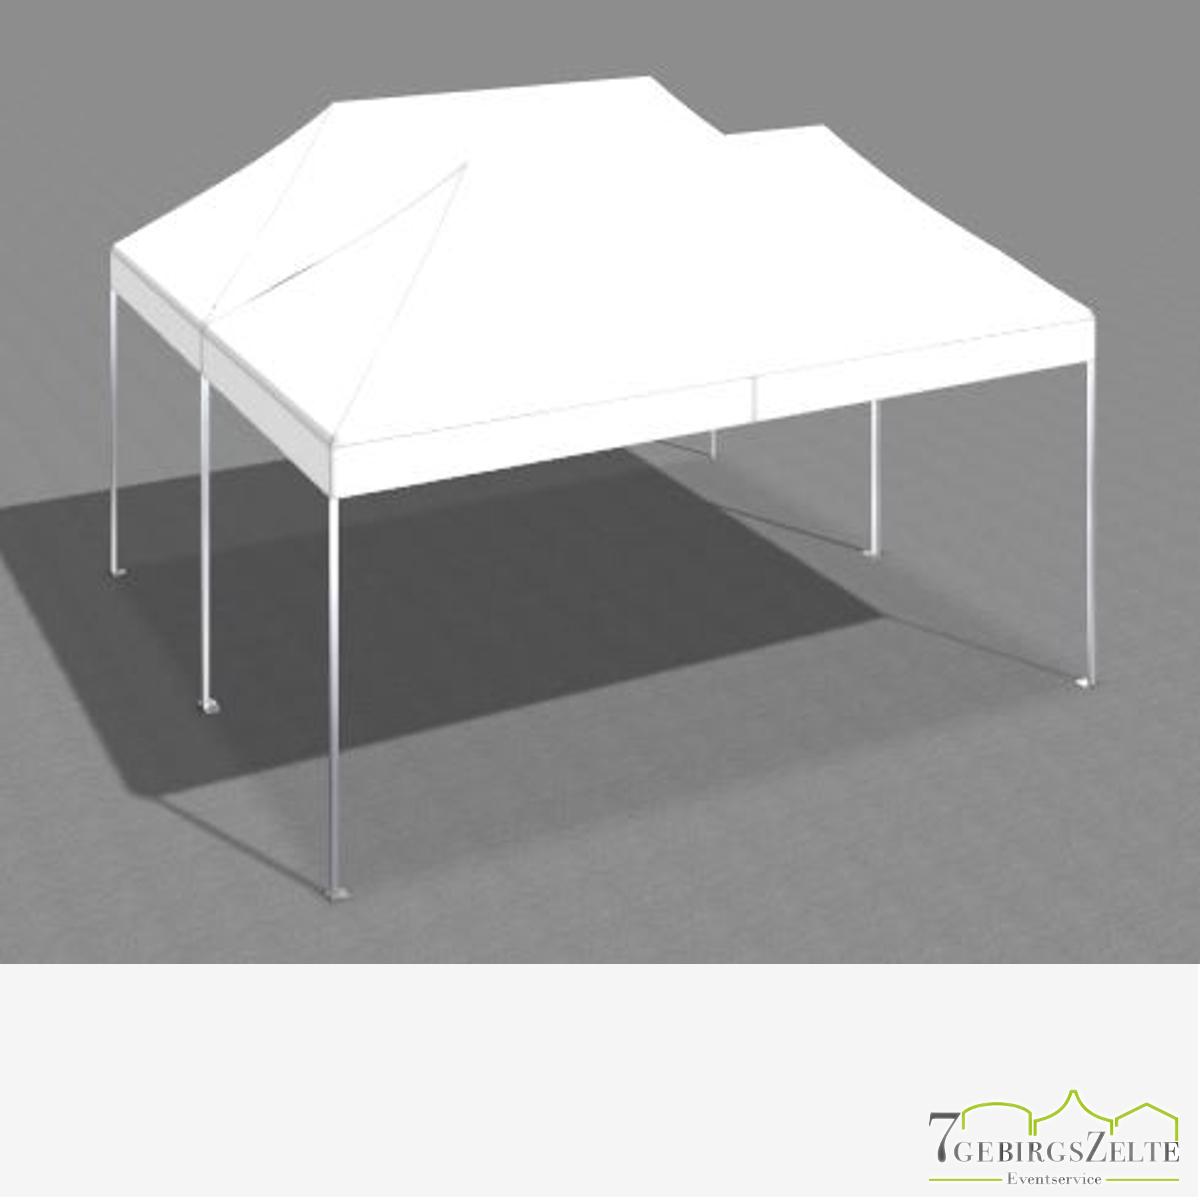 Faltzeltkombination 6 x 6 m (36 m²) mit weißen Dächern (2 x 3 x6 m)